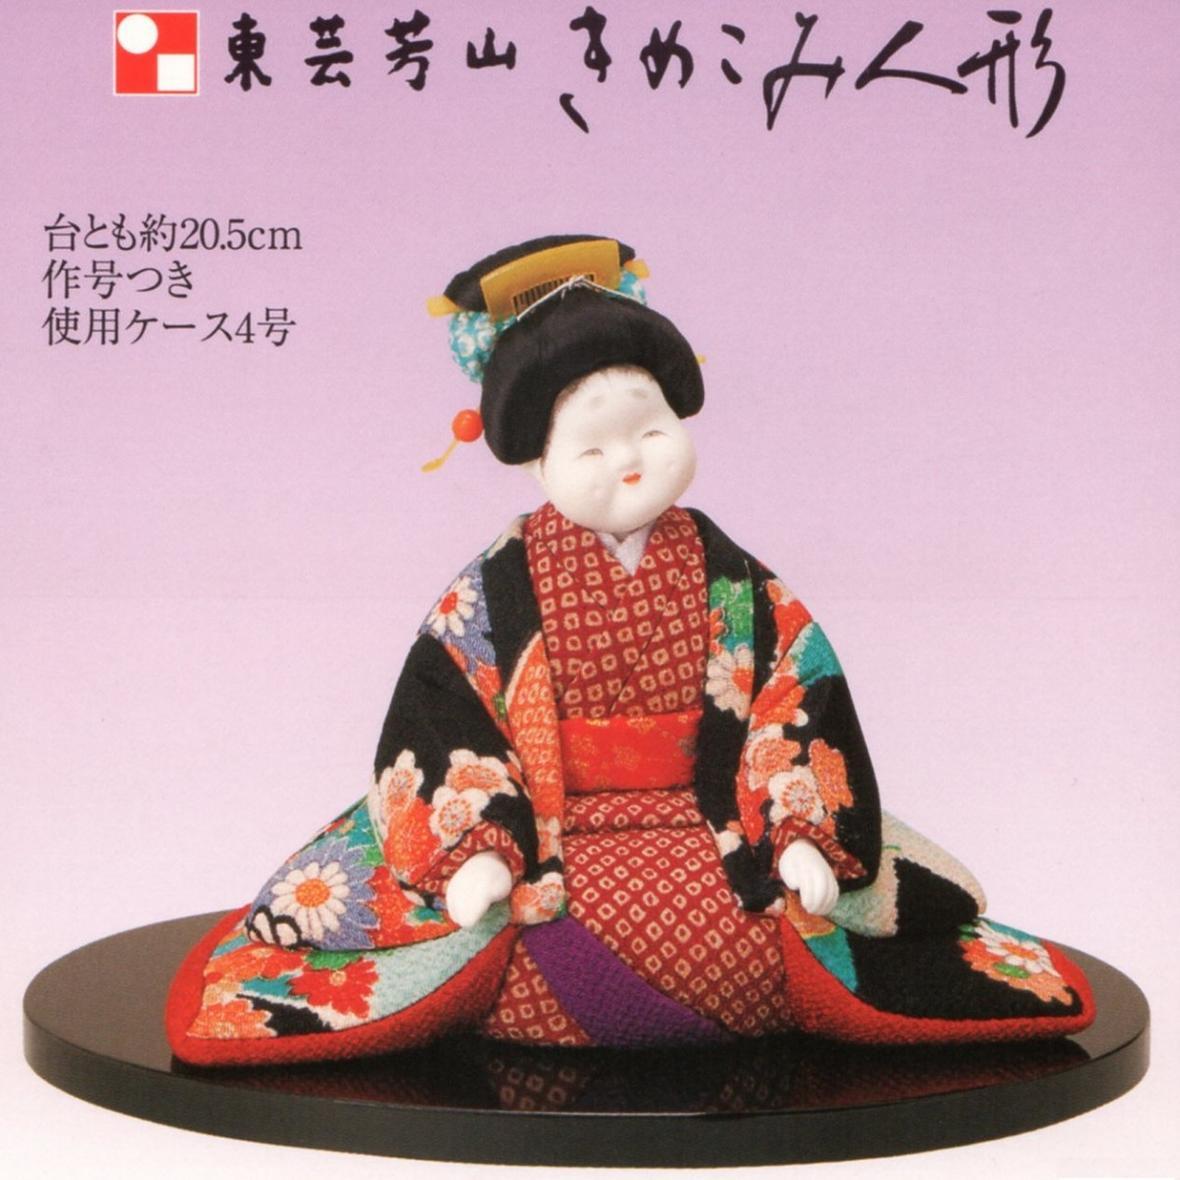 東芸 木目込人形キット「幸せのお多福」 K769-04